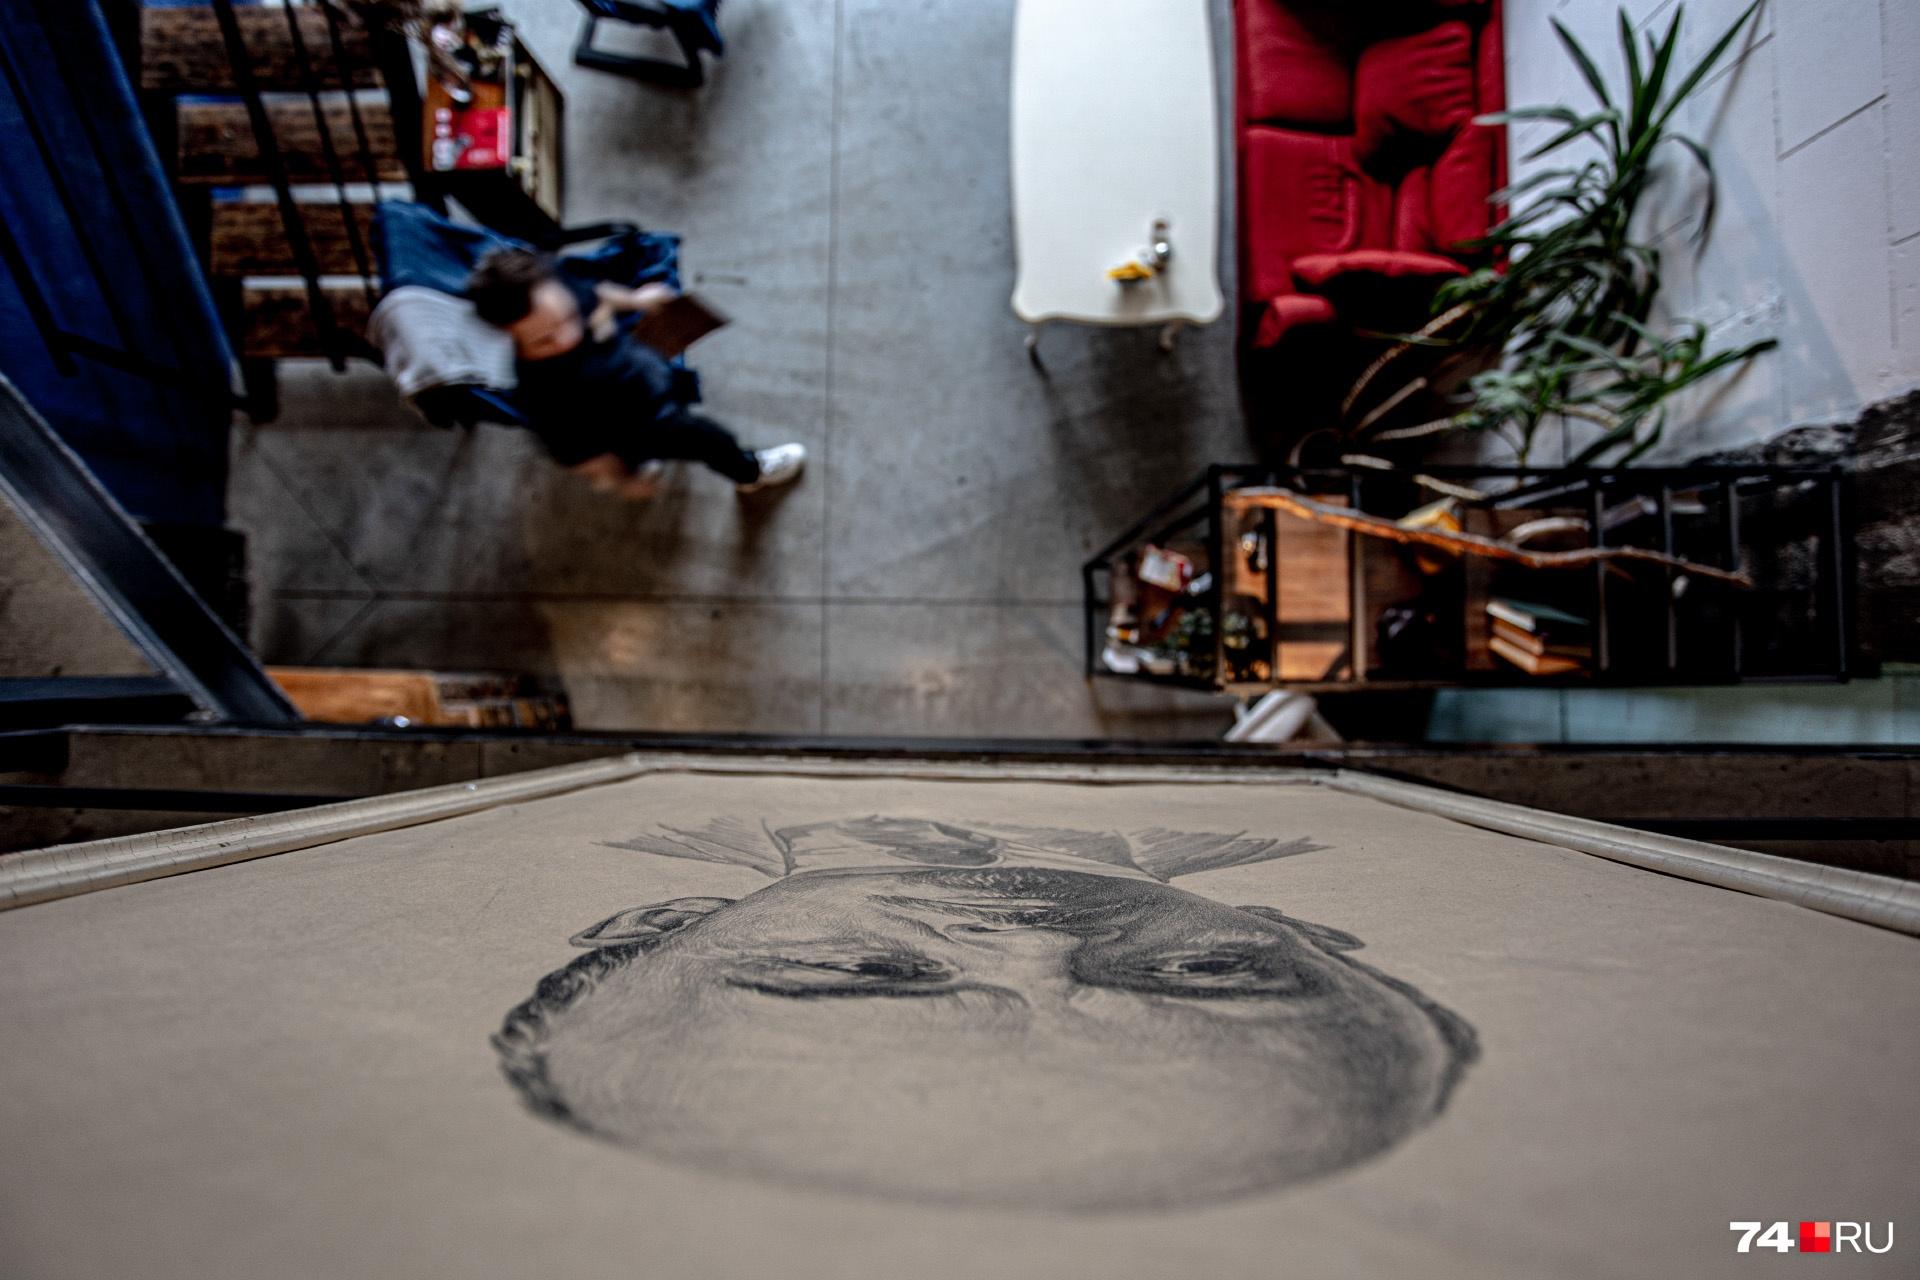 Кажется, портрет Ленина остался здесь еще с советских времен. Выкидывать его не стали — вписали в творческое пространство